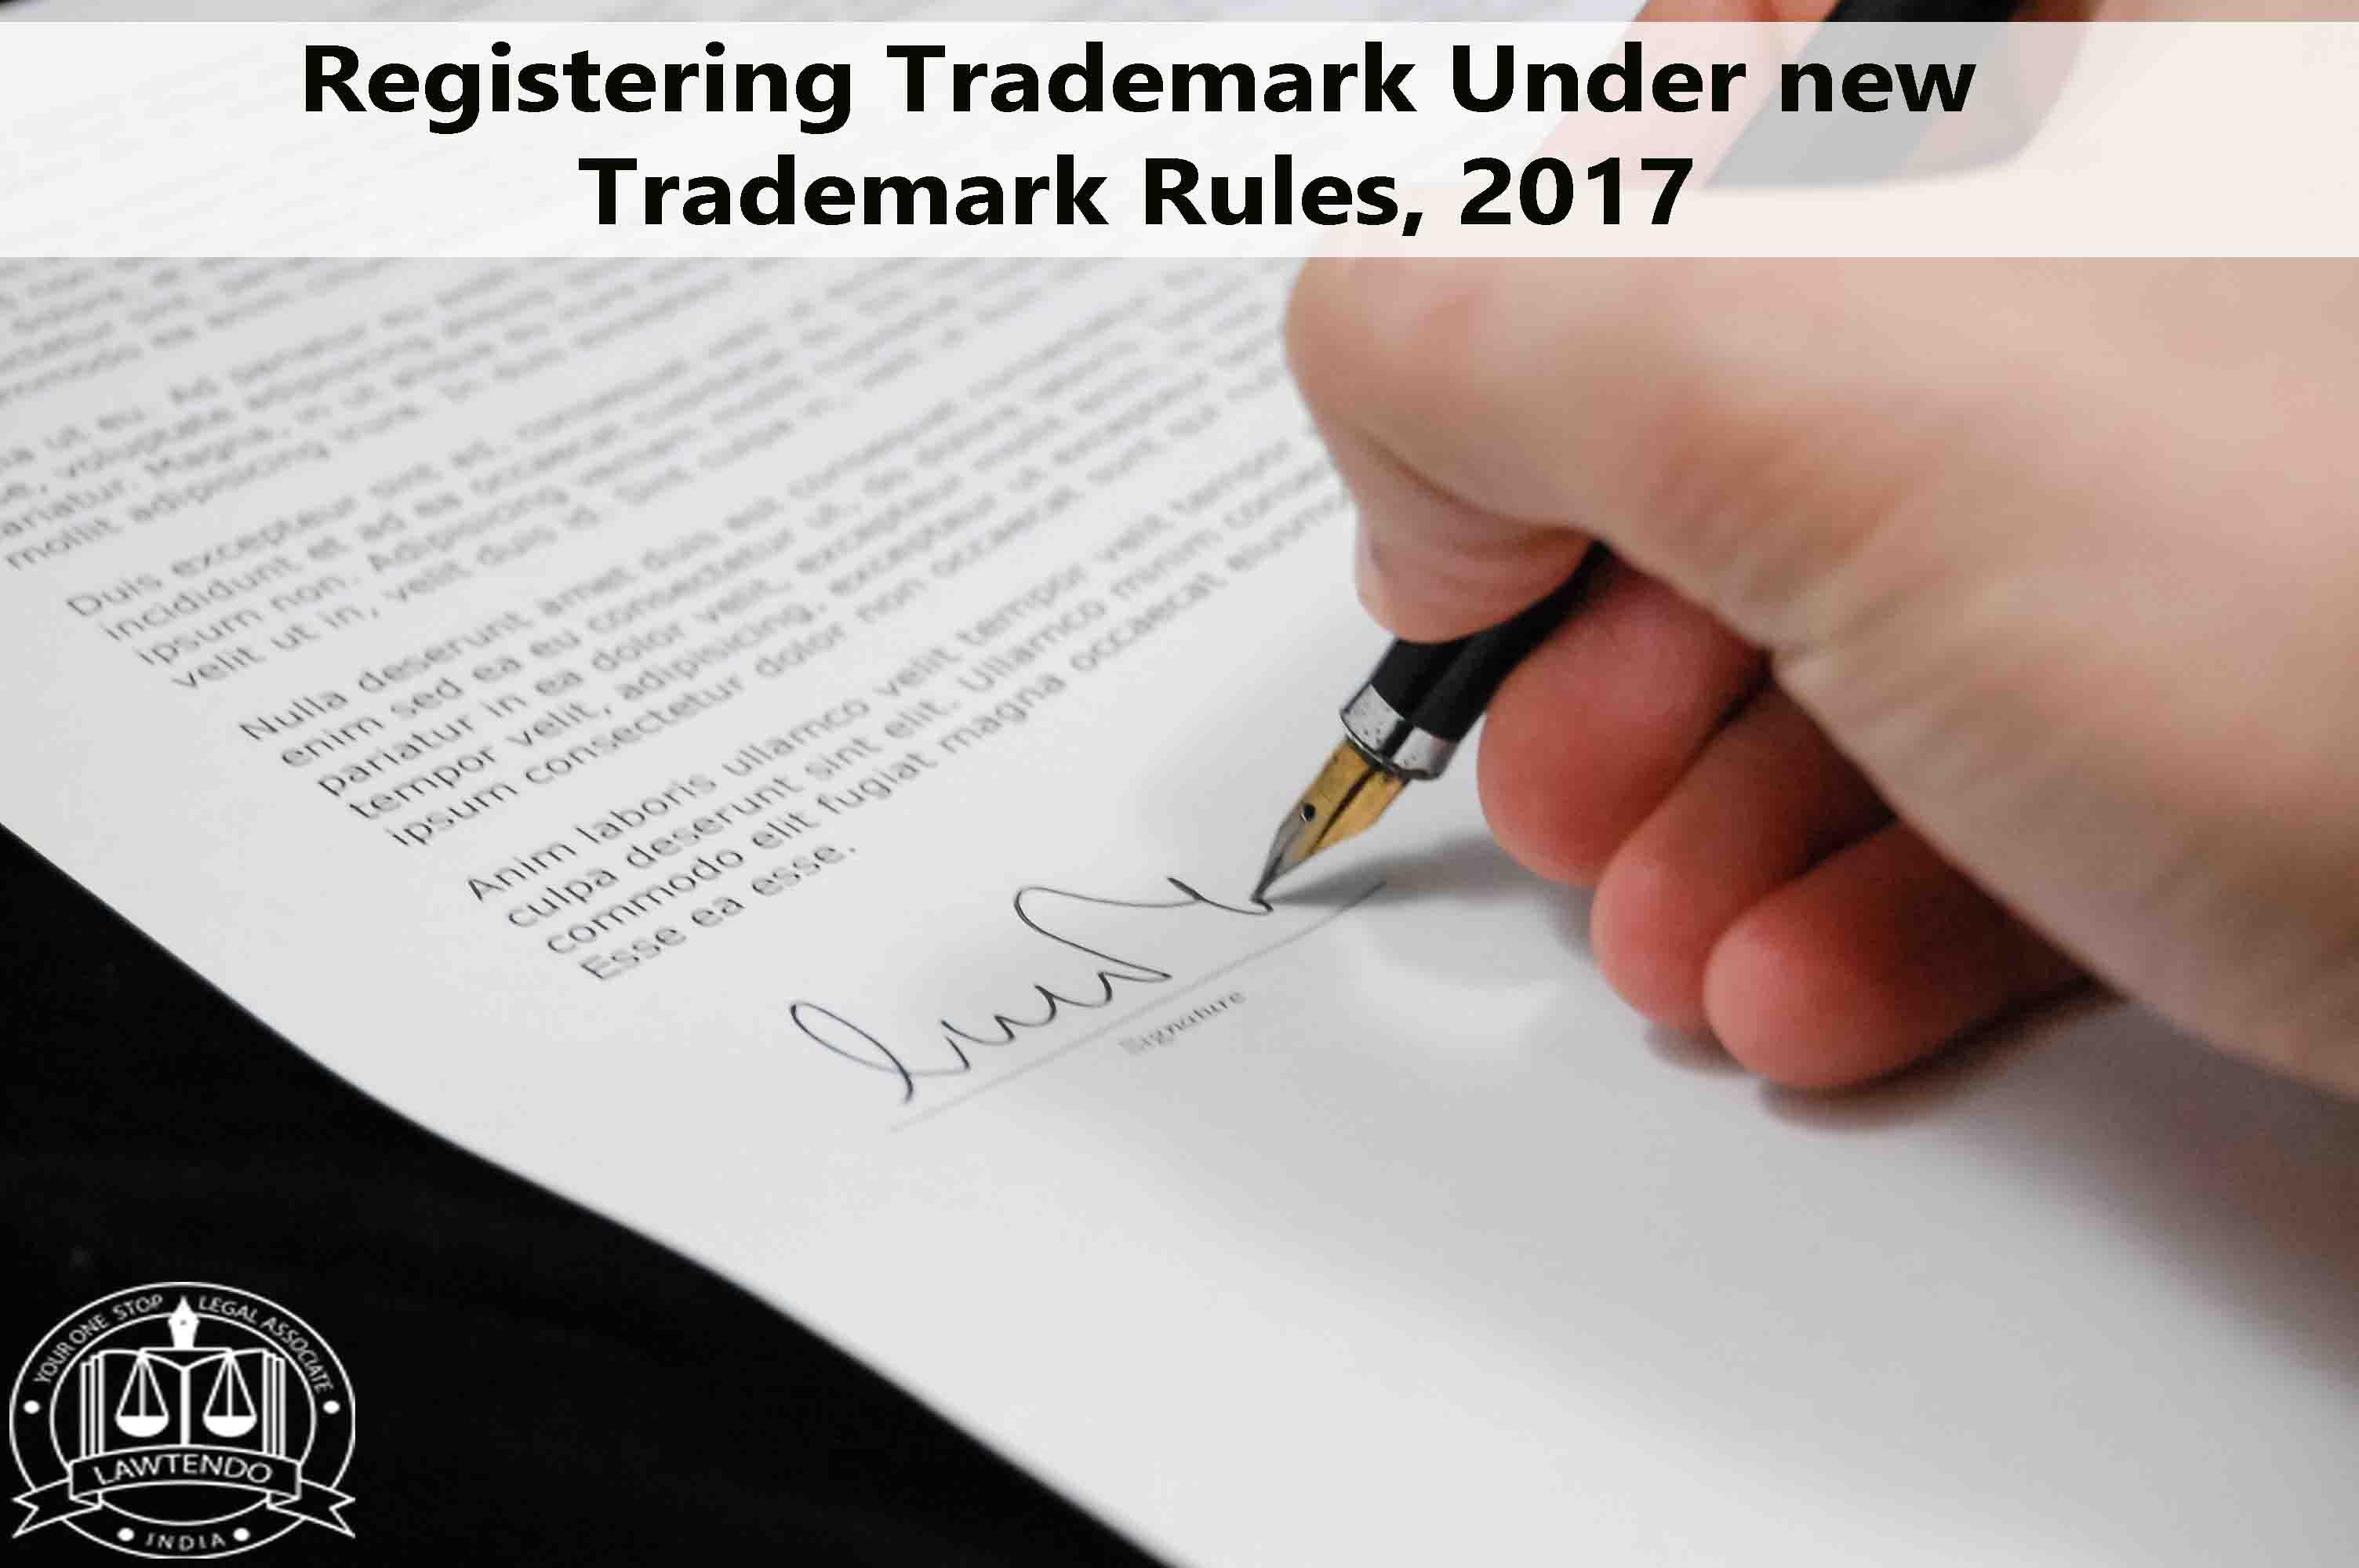 Registering Trademark Under new Trademark Rules 2017